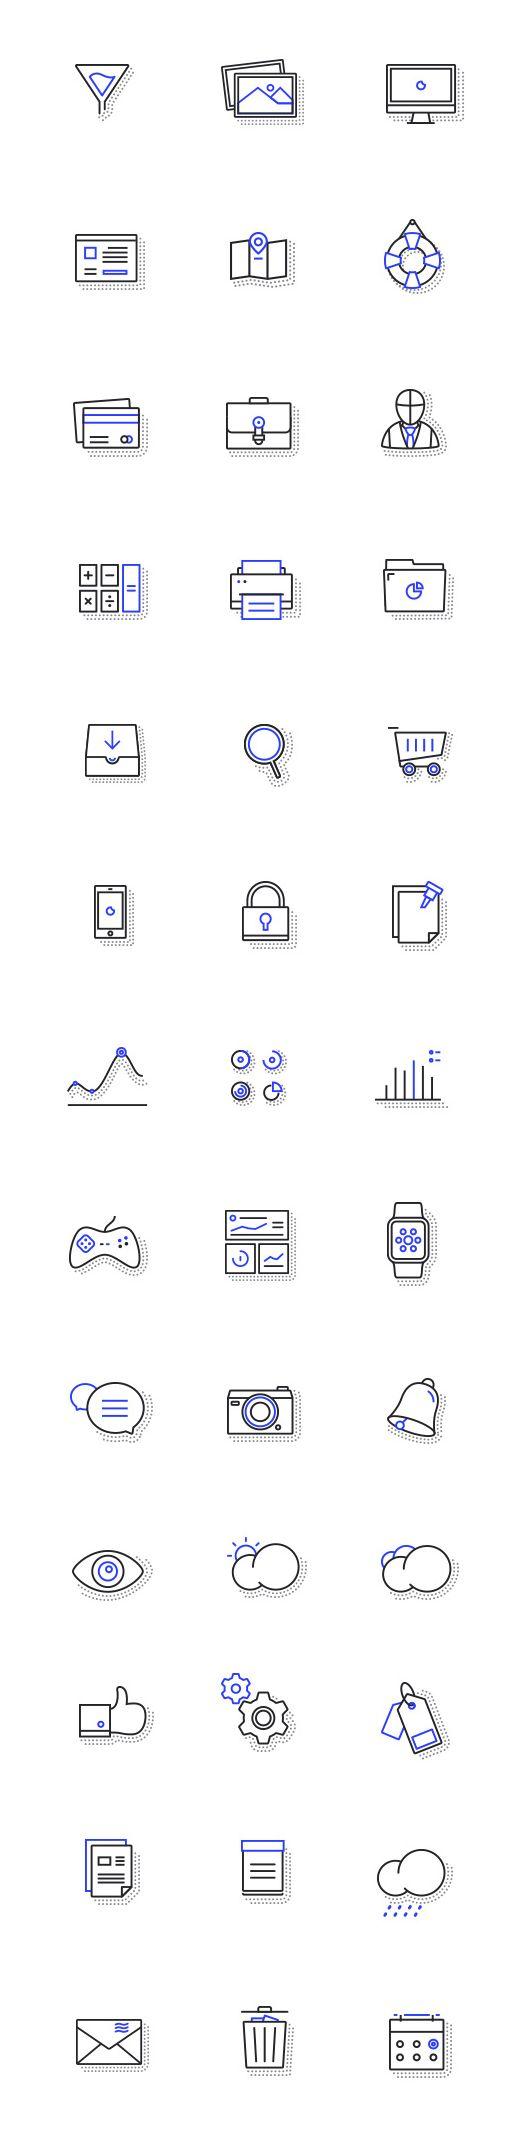 무료 아이콘 디자인소스 .PSD .AI